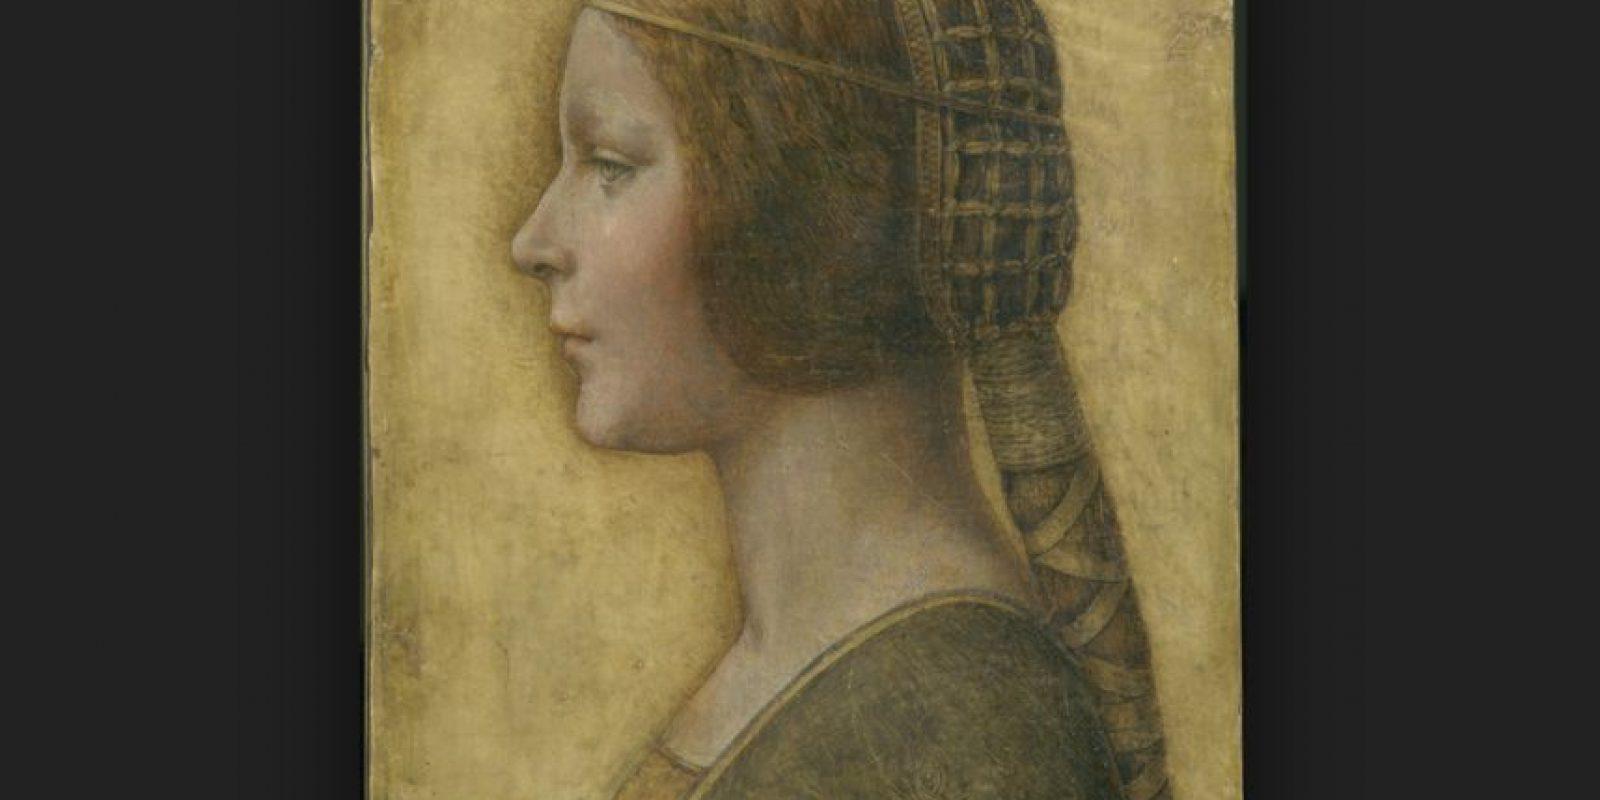 La bella principessa: en esta pintura Da Vinci retrató a Bianca, la hija ilegítima de Ludovico Sforza -Duque de Milán desde finales del siglo XV. Foto:Vía flickr.com